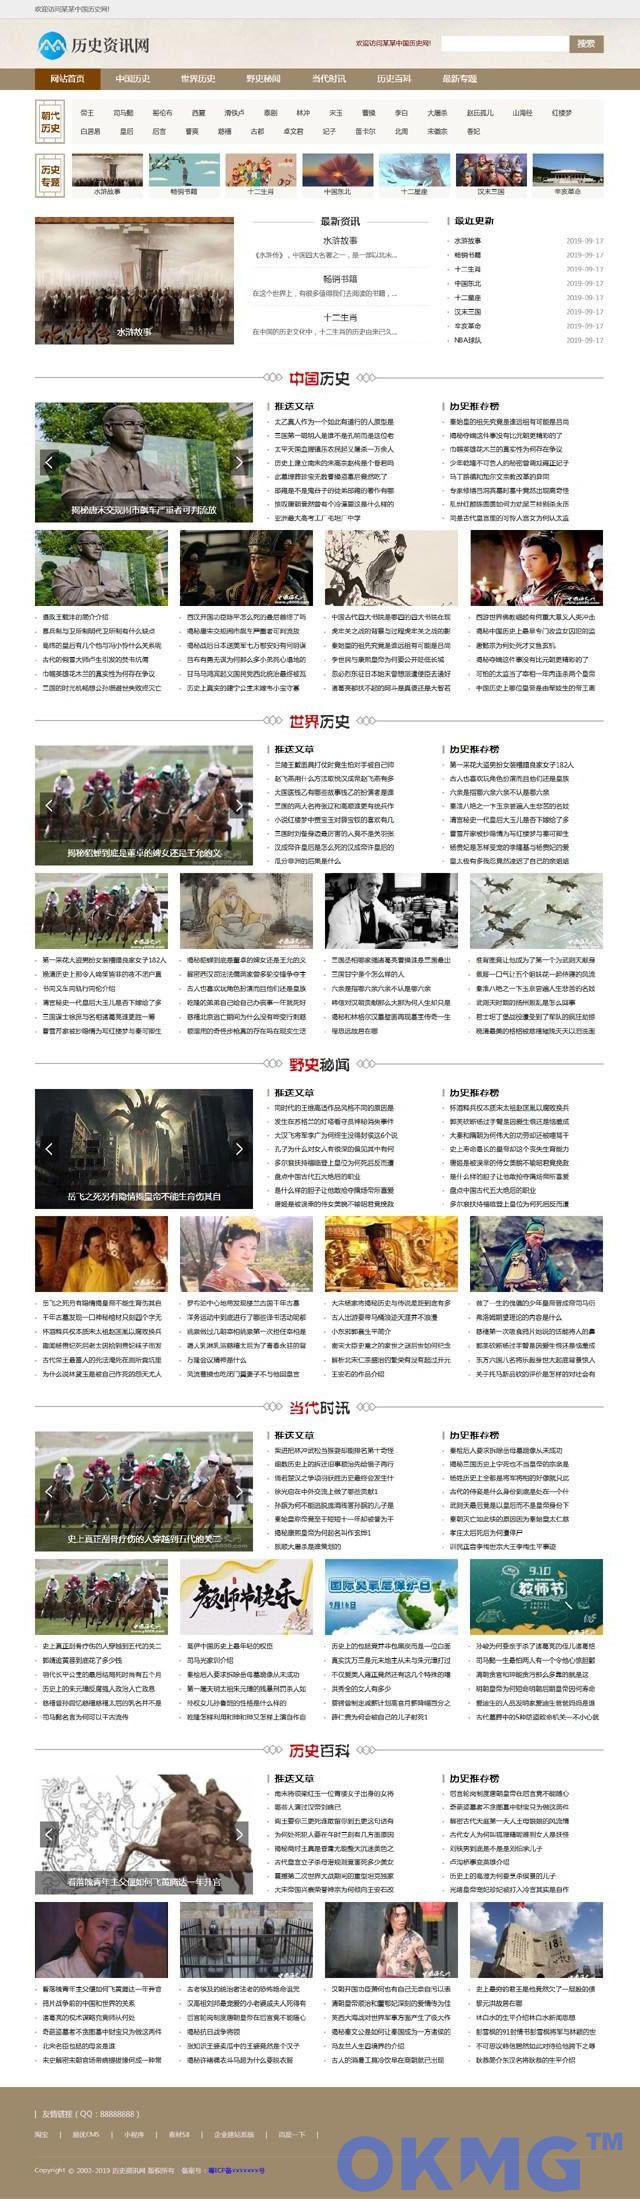 织梦dedecms历史新闻资讯网站模板(带手机移动端)